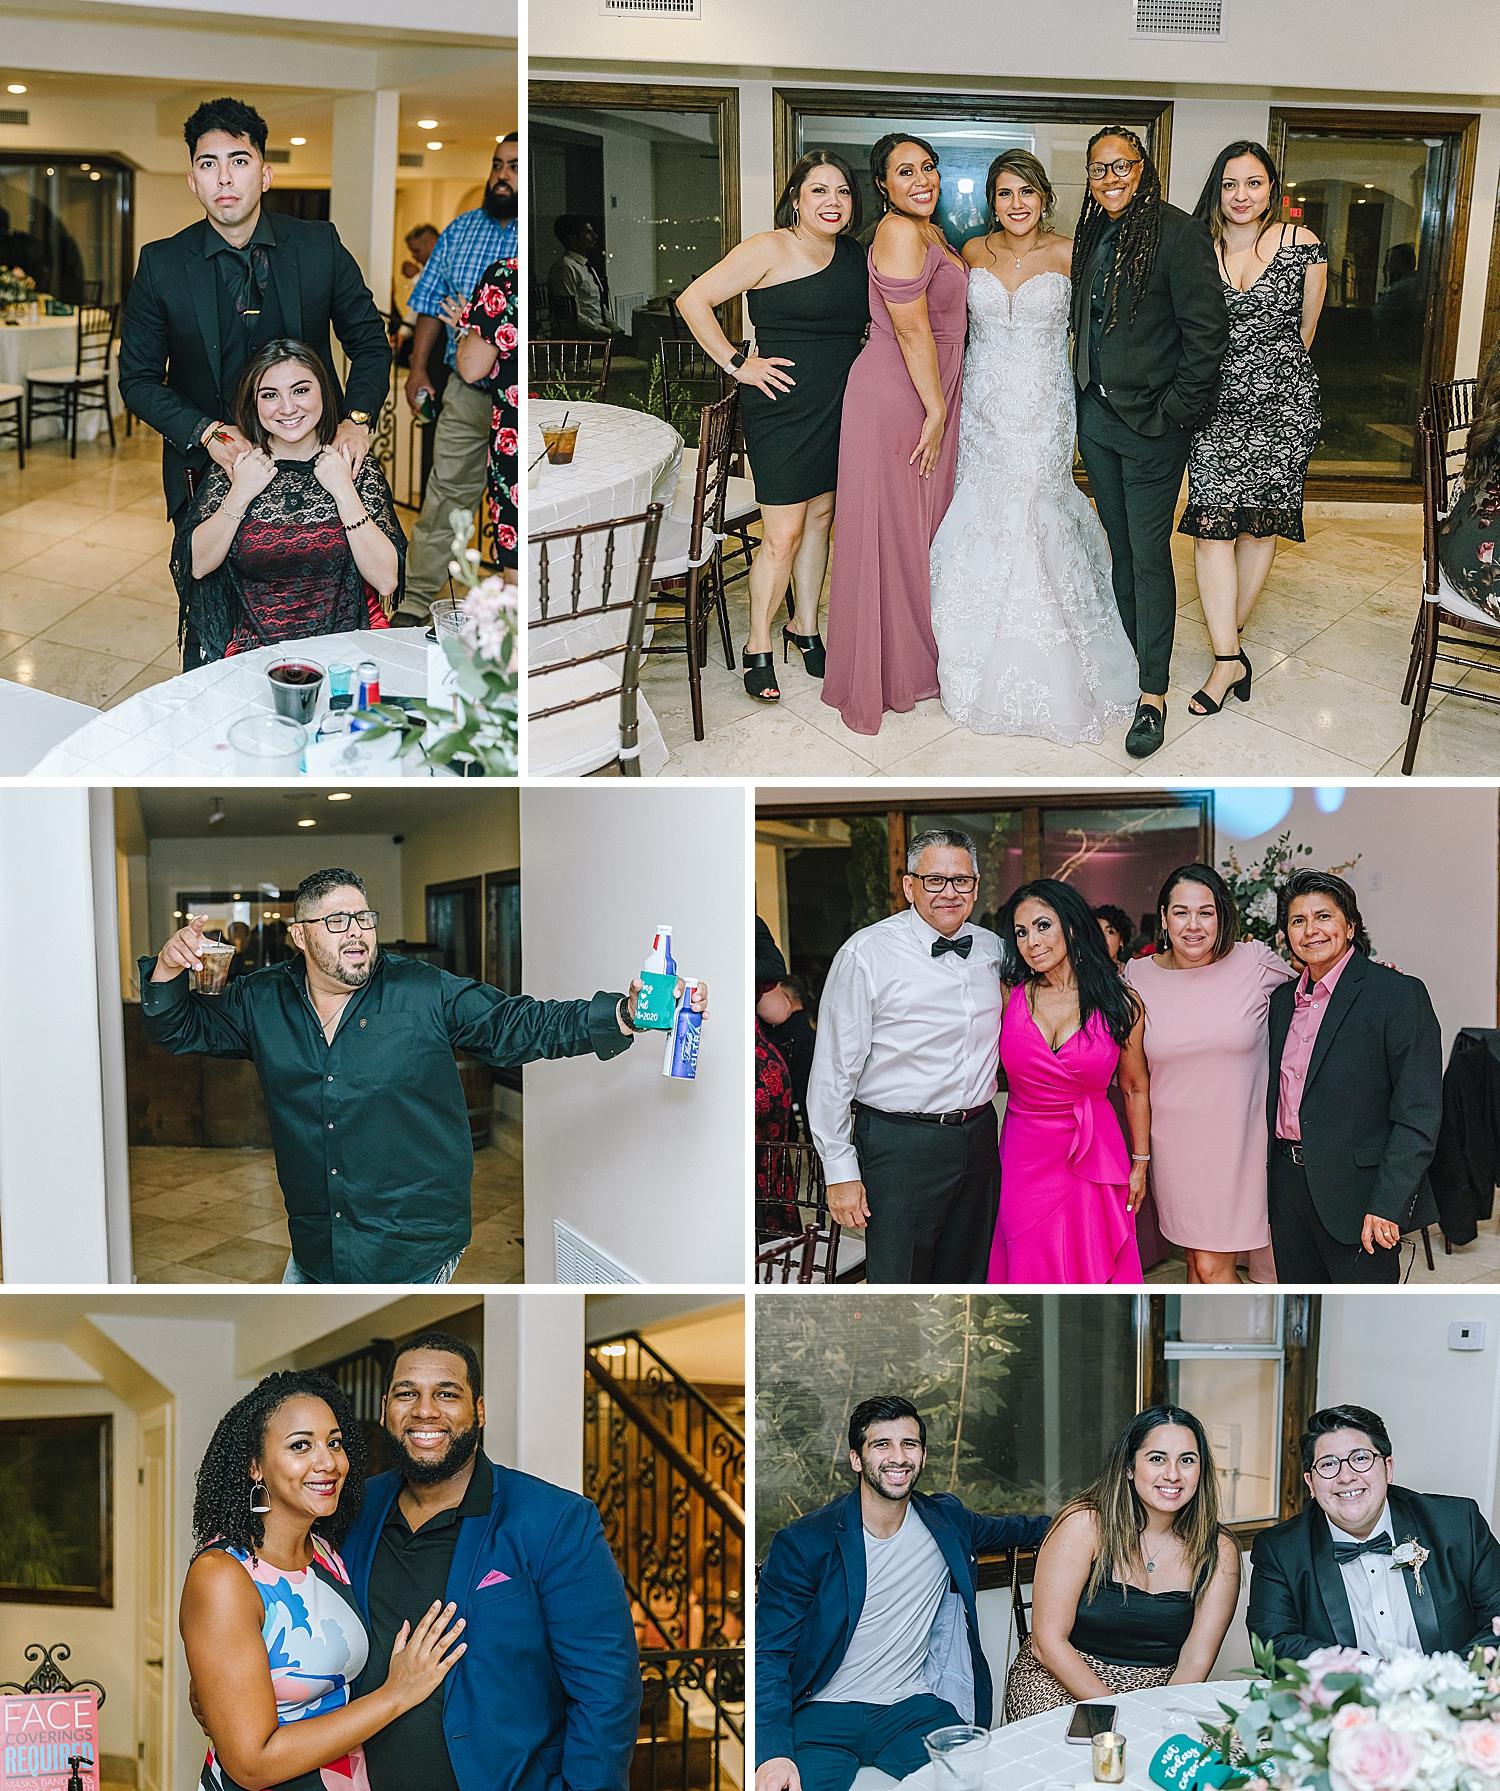 Carly-Barton-Photography-The-Villa-at-Cielo-Vista-Blush-Gold-White-Wedding-Photos_0025.jpg